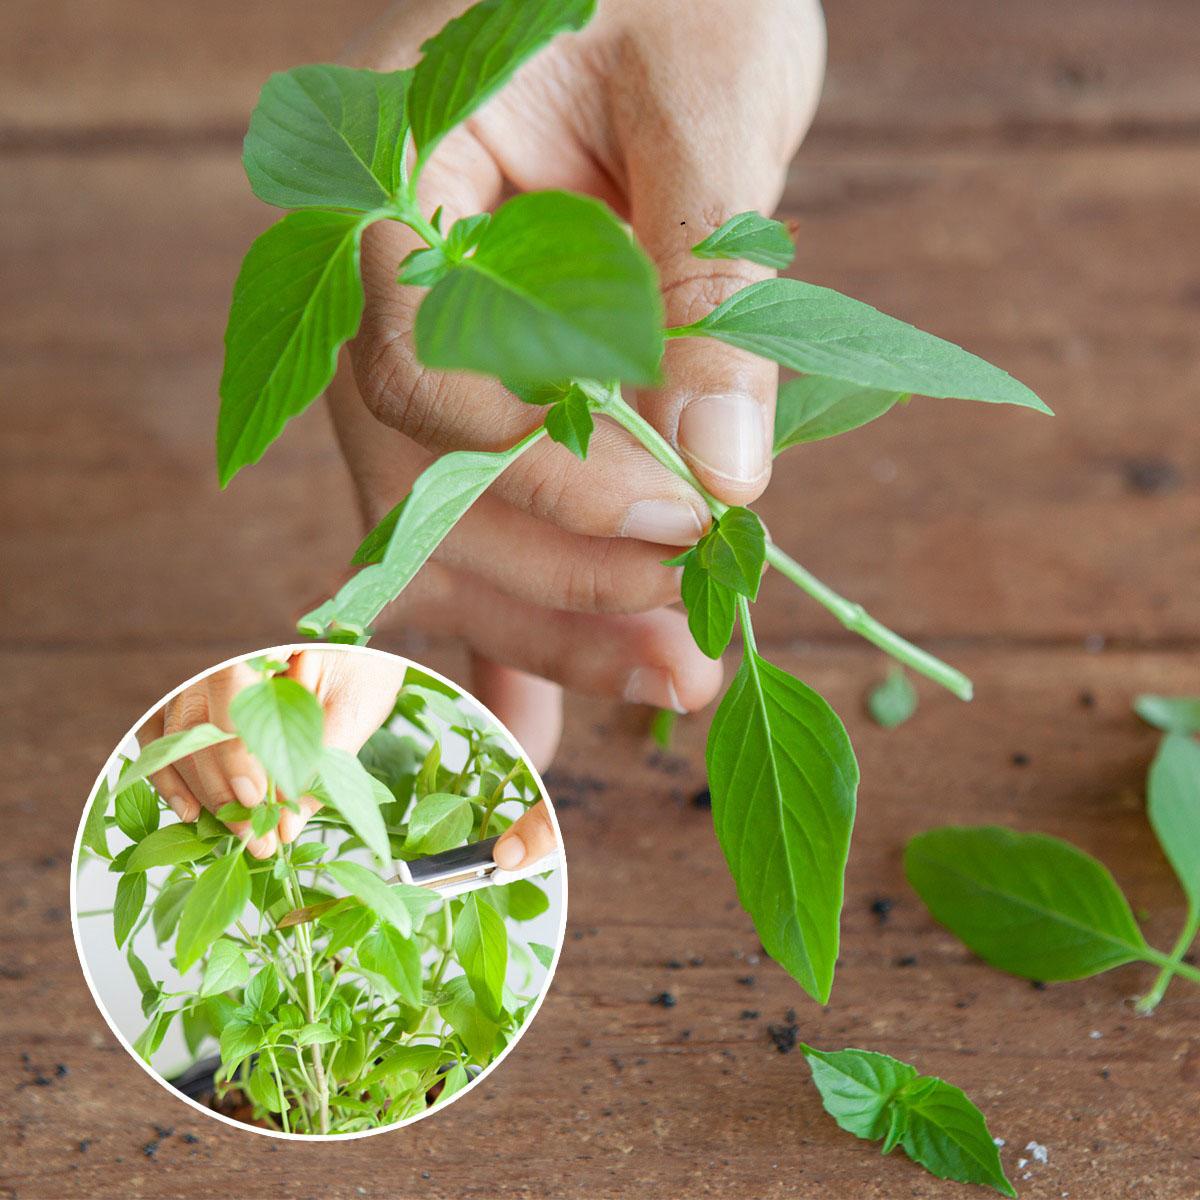 Cắt rau bỏ trong chai nhựa, cách làm đơn giản nhưng thu hoạch rau nhiều bất ngờ - Ảnh 6.